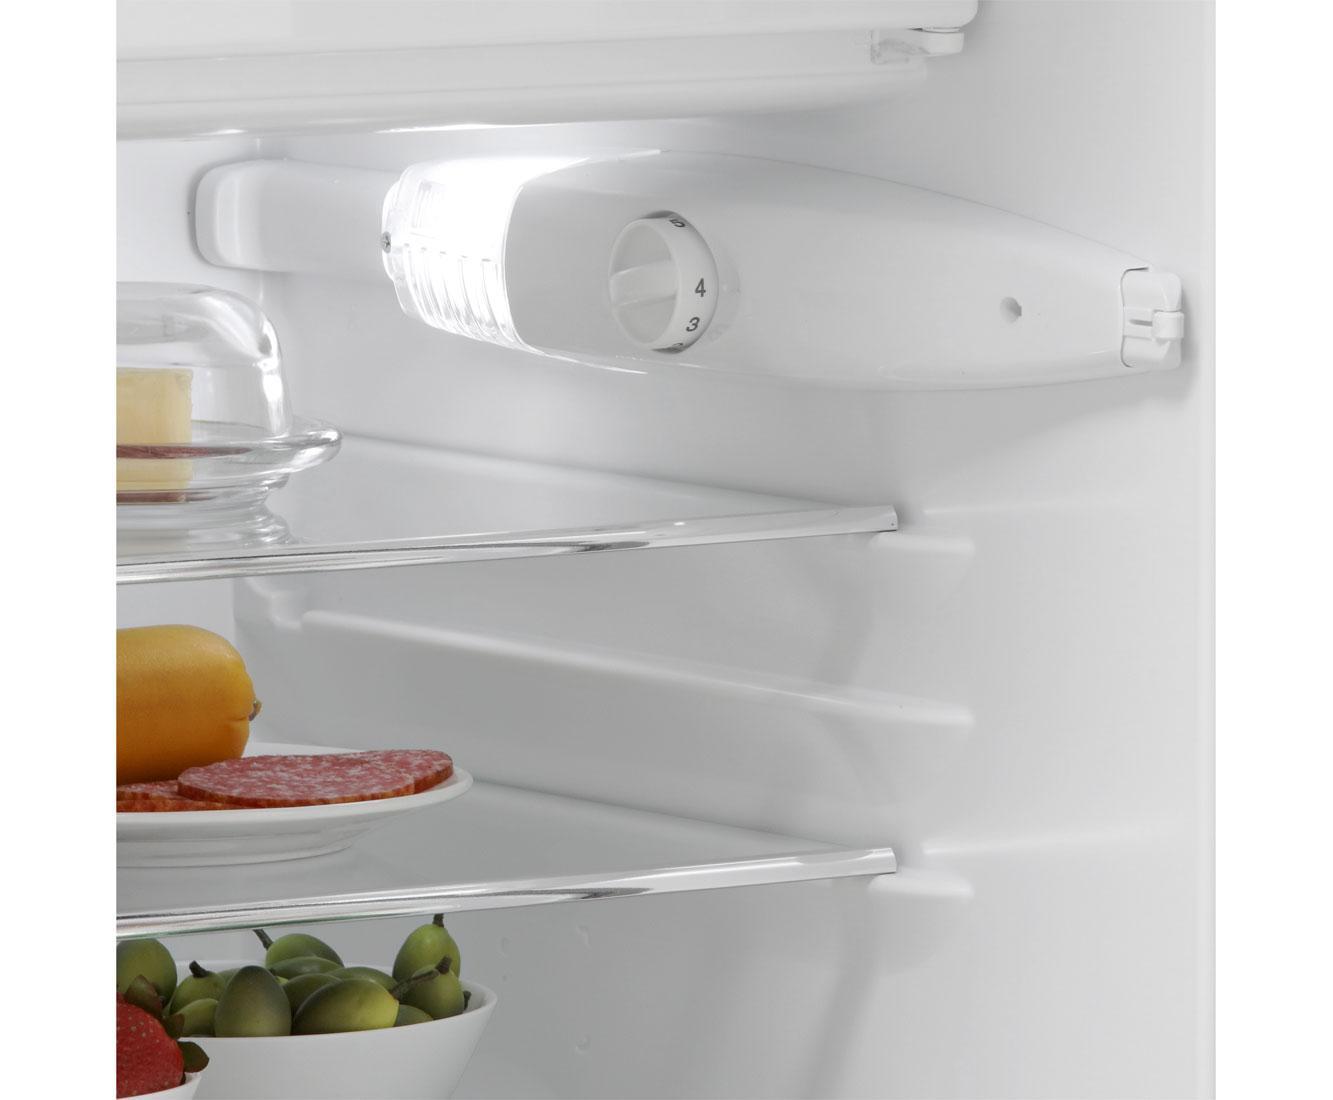 Aeg Kühlschrank Mit Gefrierschrank : Kühlschrank mit kleinem gefrierfach aeg santo rtb ax